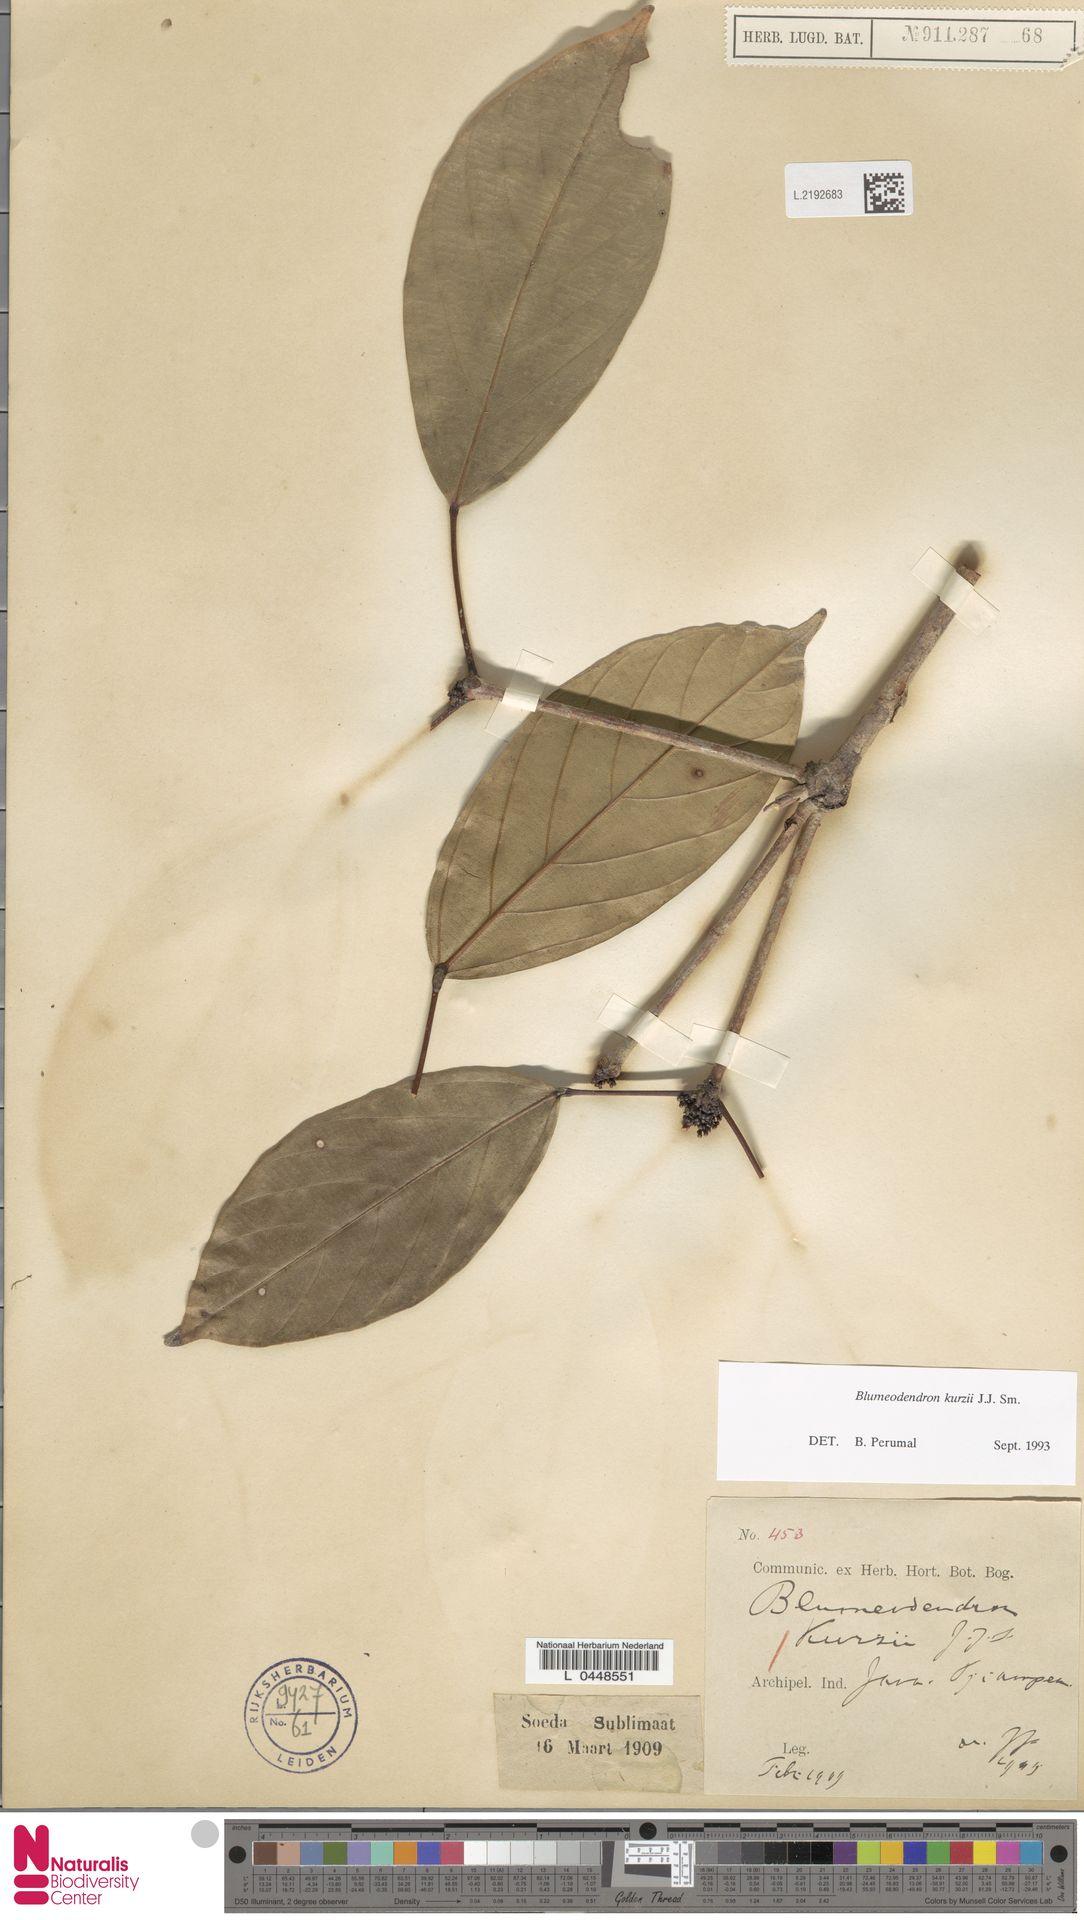 L.2192683   Blumeodendron kurzii (Hook.f.) J.J.Sm.